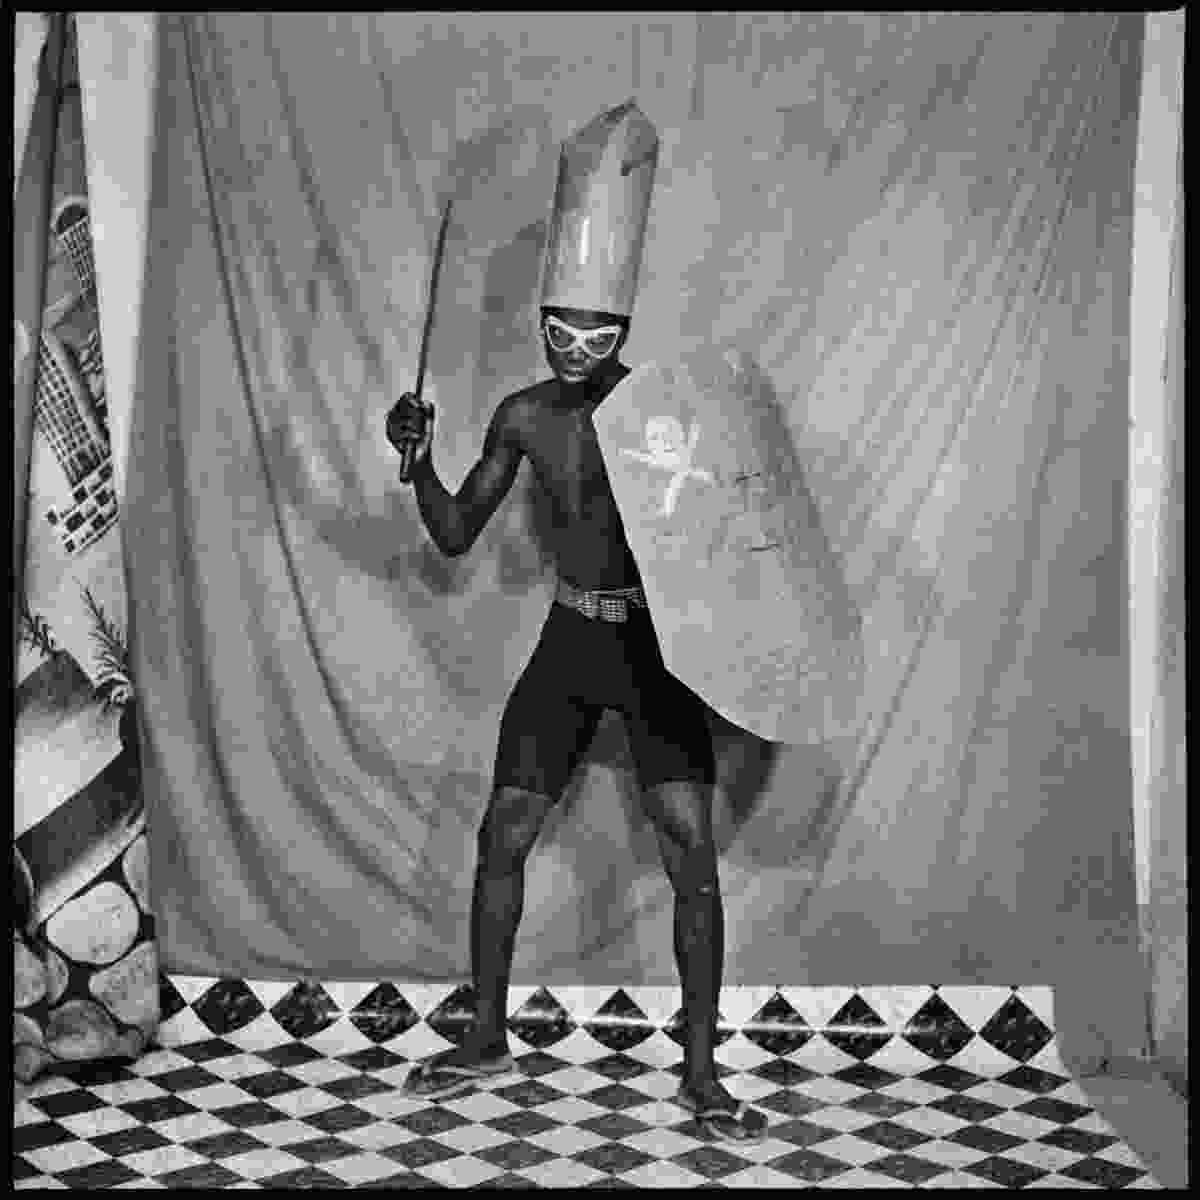 Le Pirate, 1974 (Sory Sanlé)